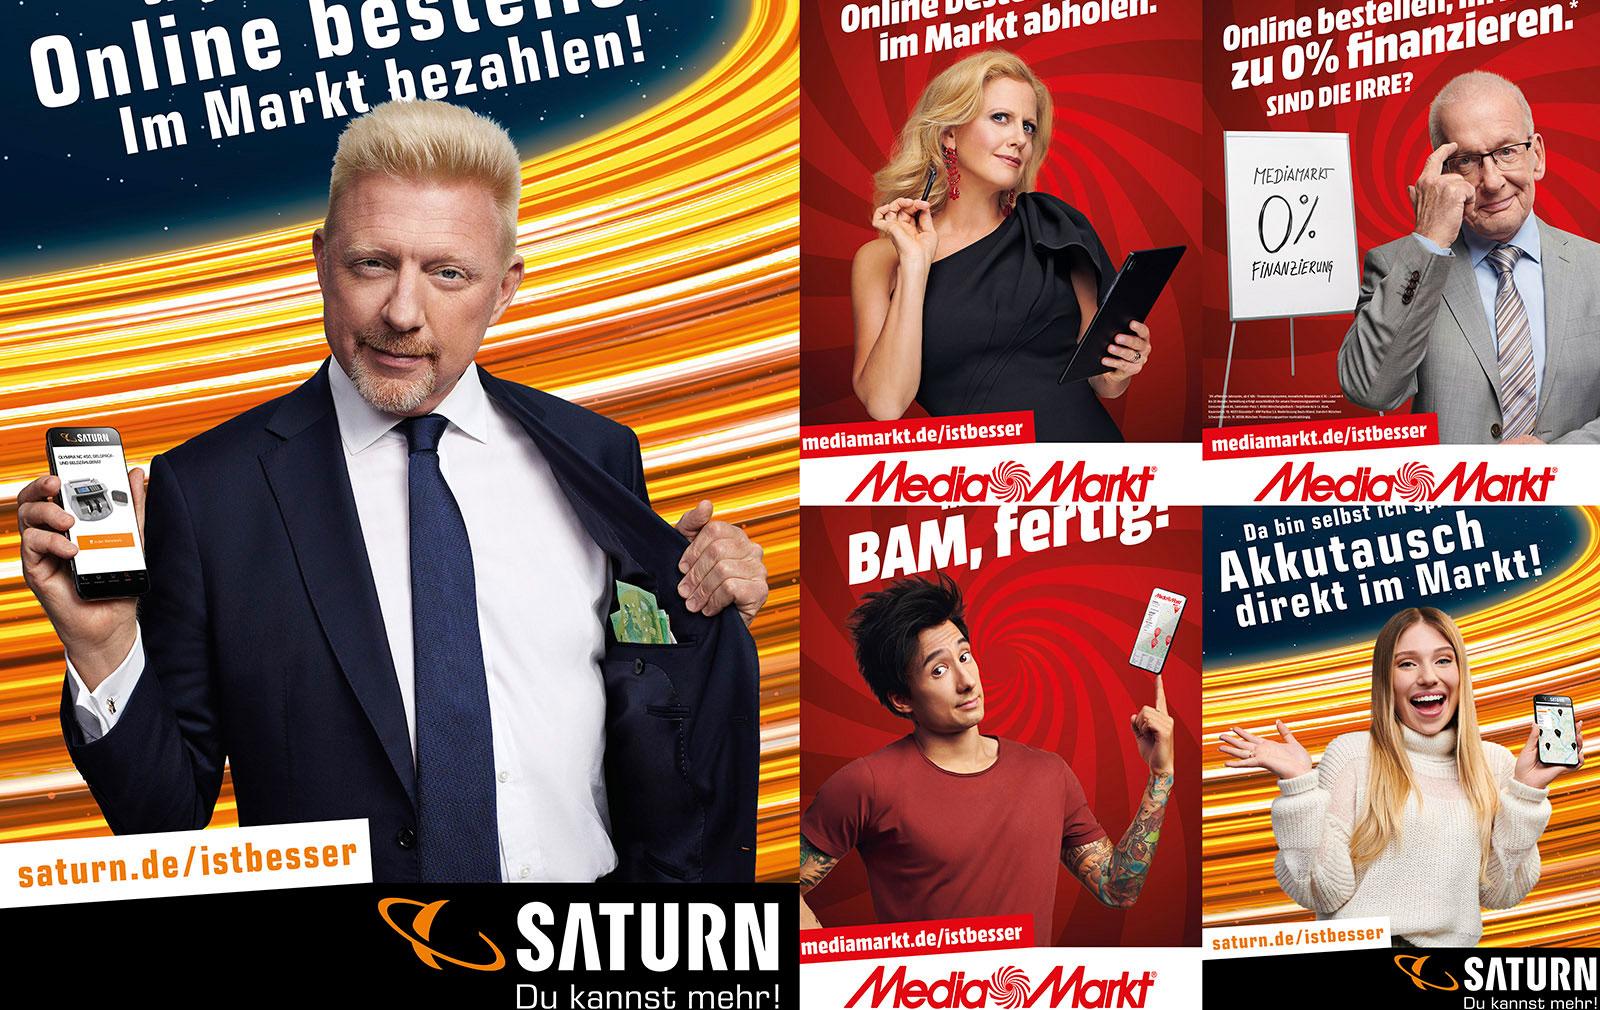 Kampagne von MEDIAMARKT SATURN